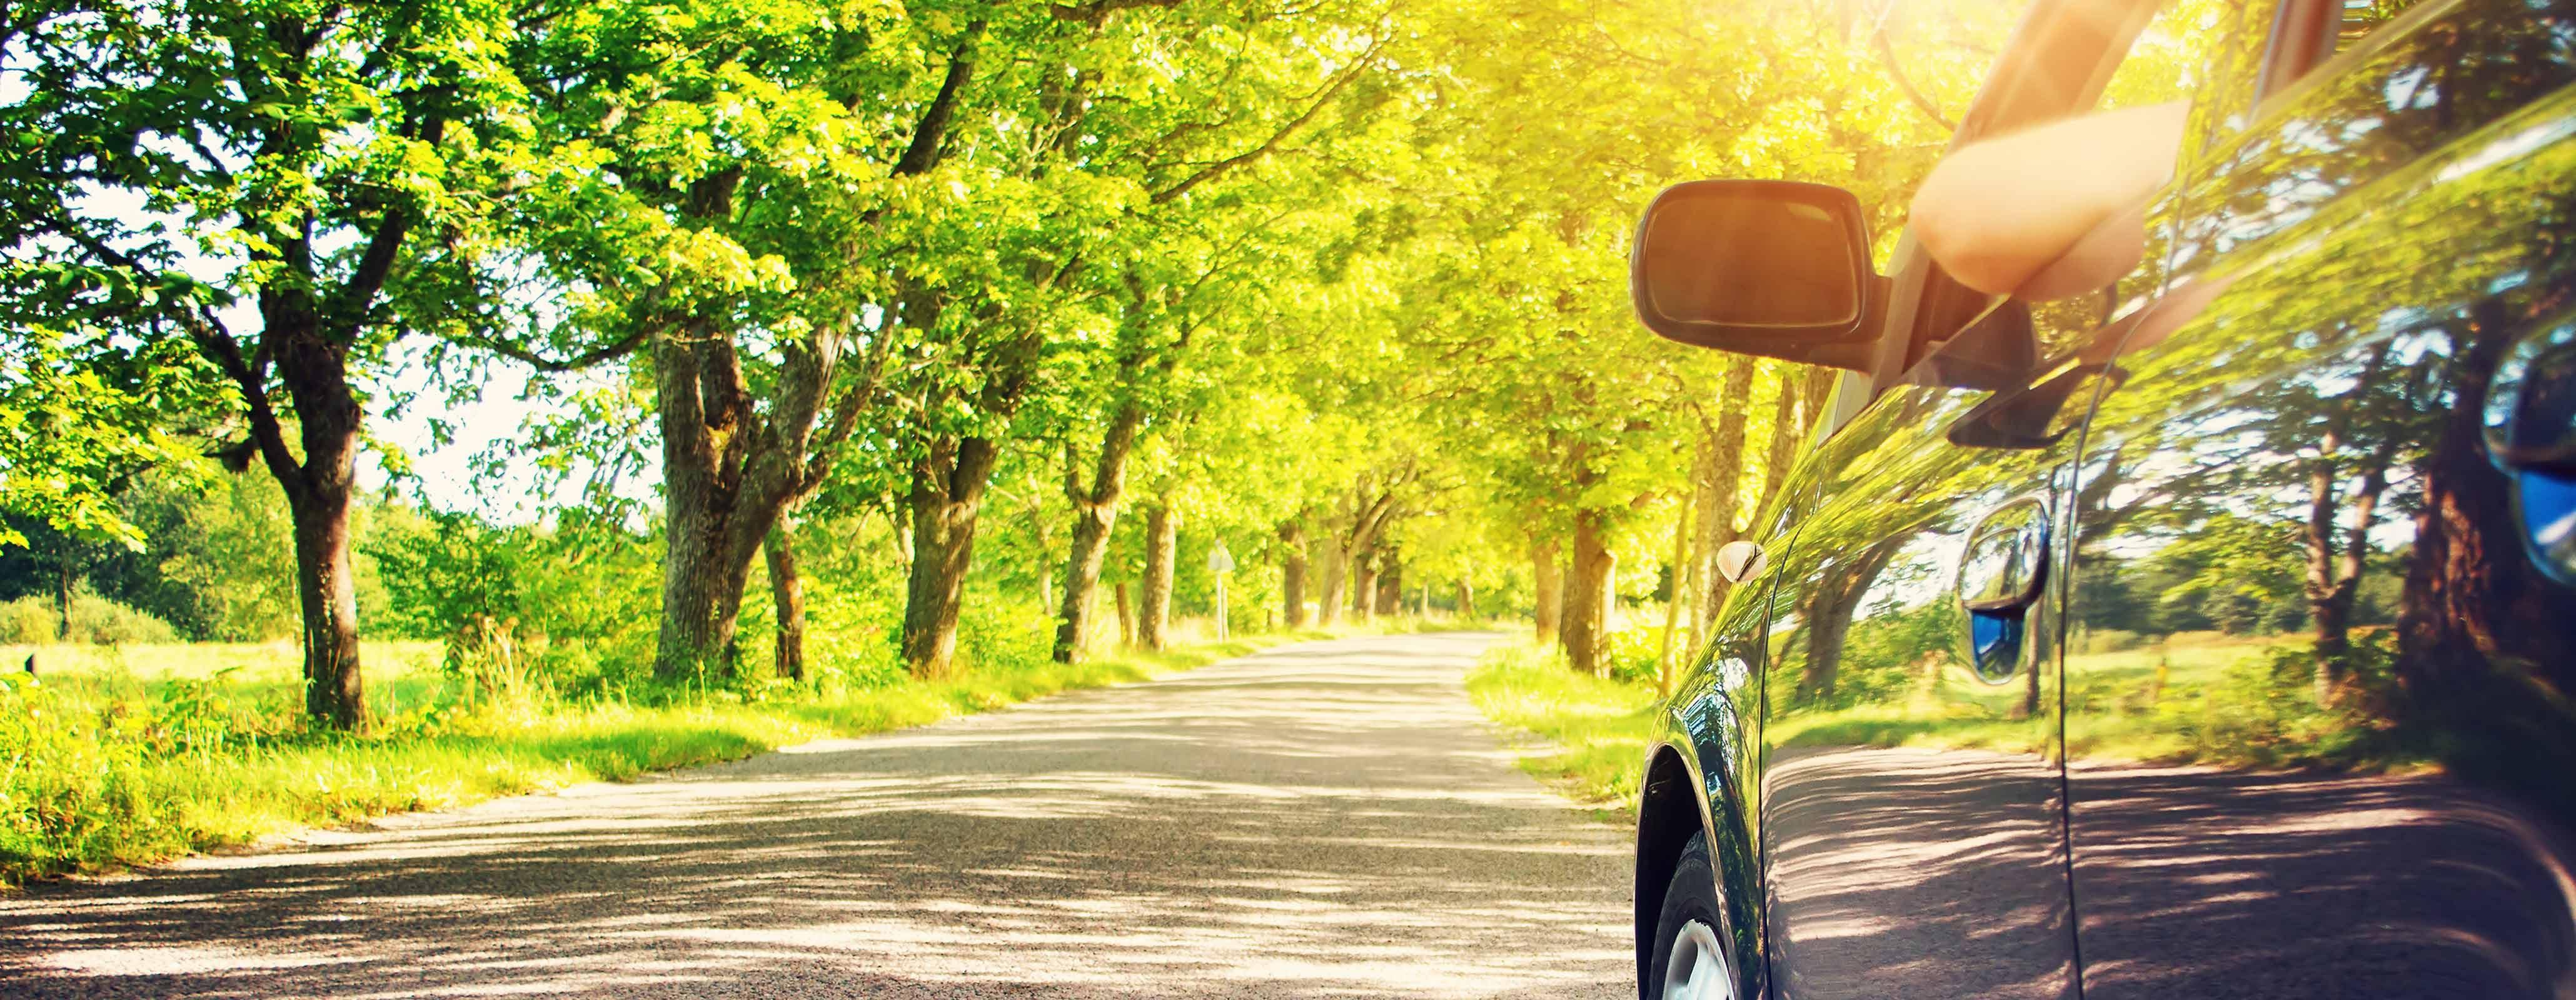 Auto in een groene omgeving